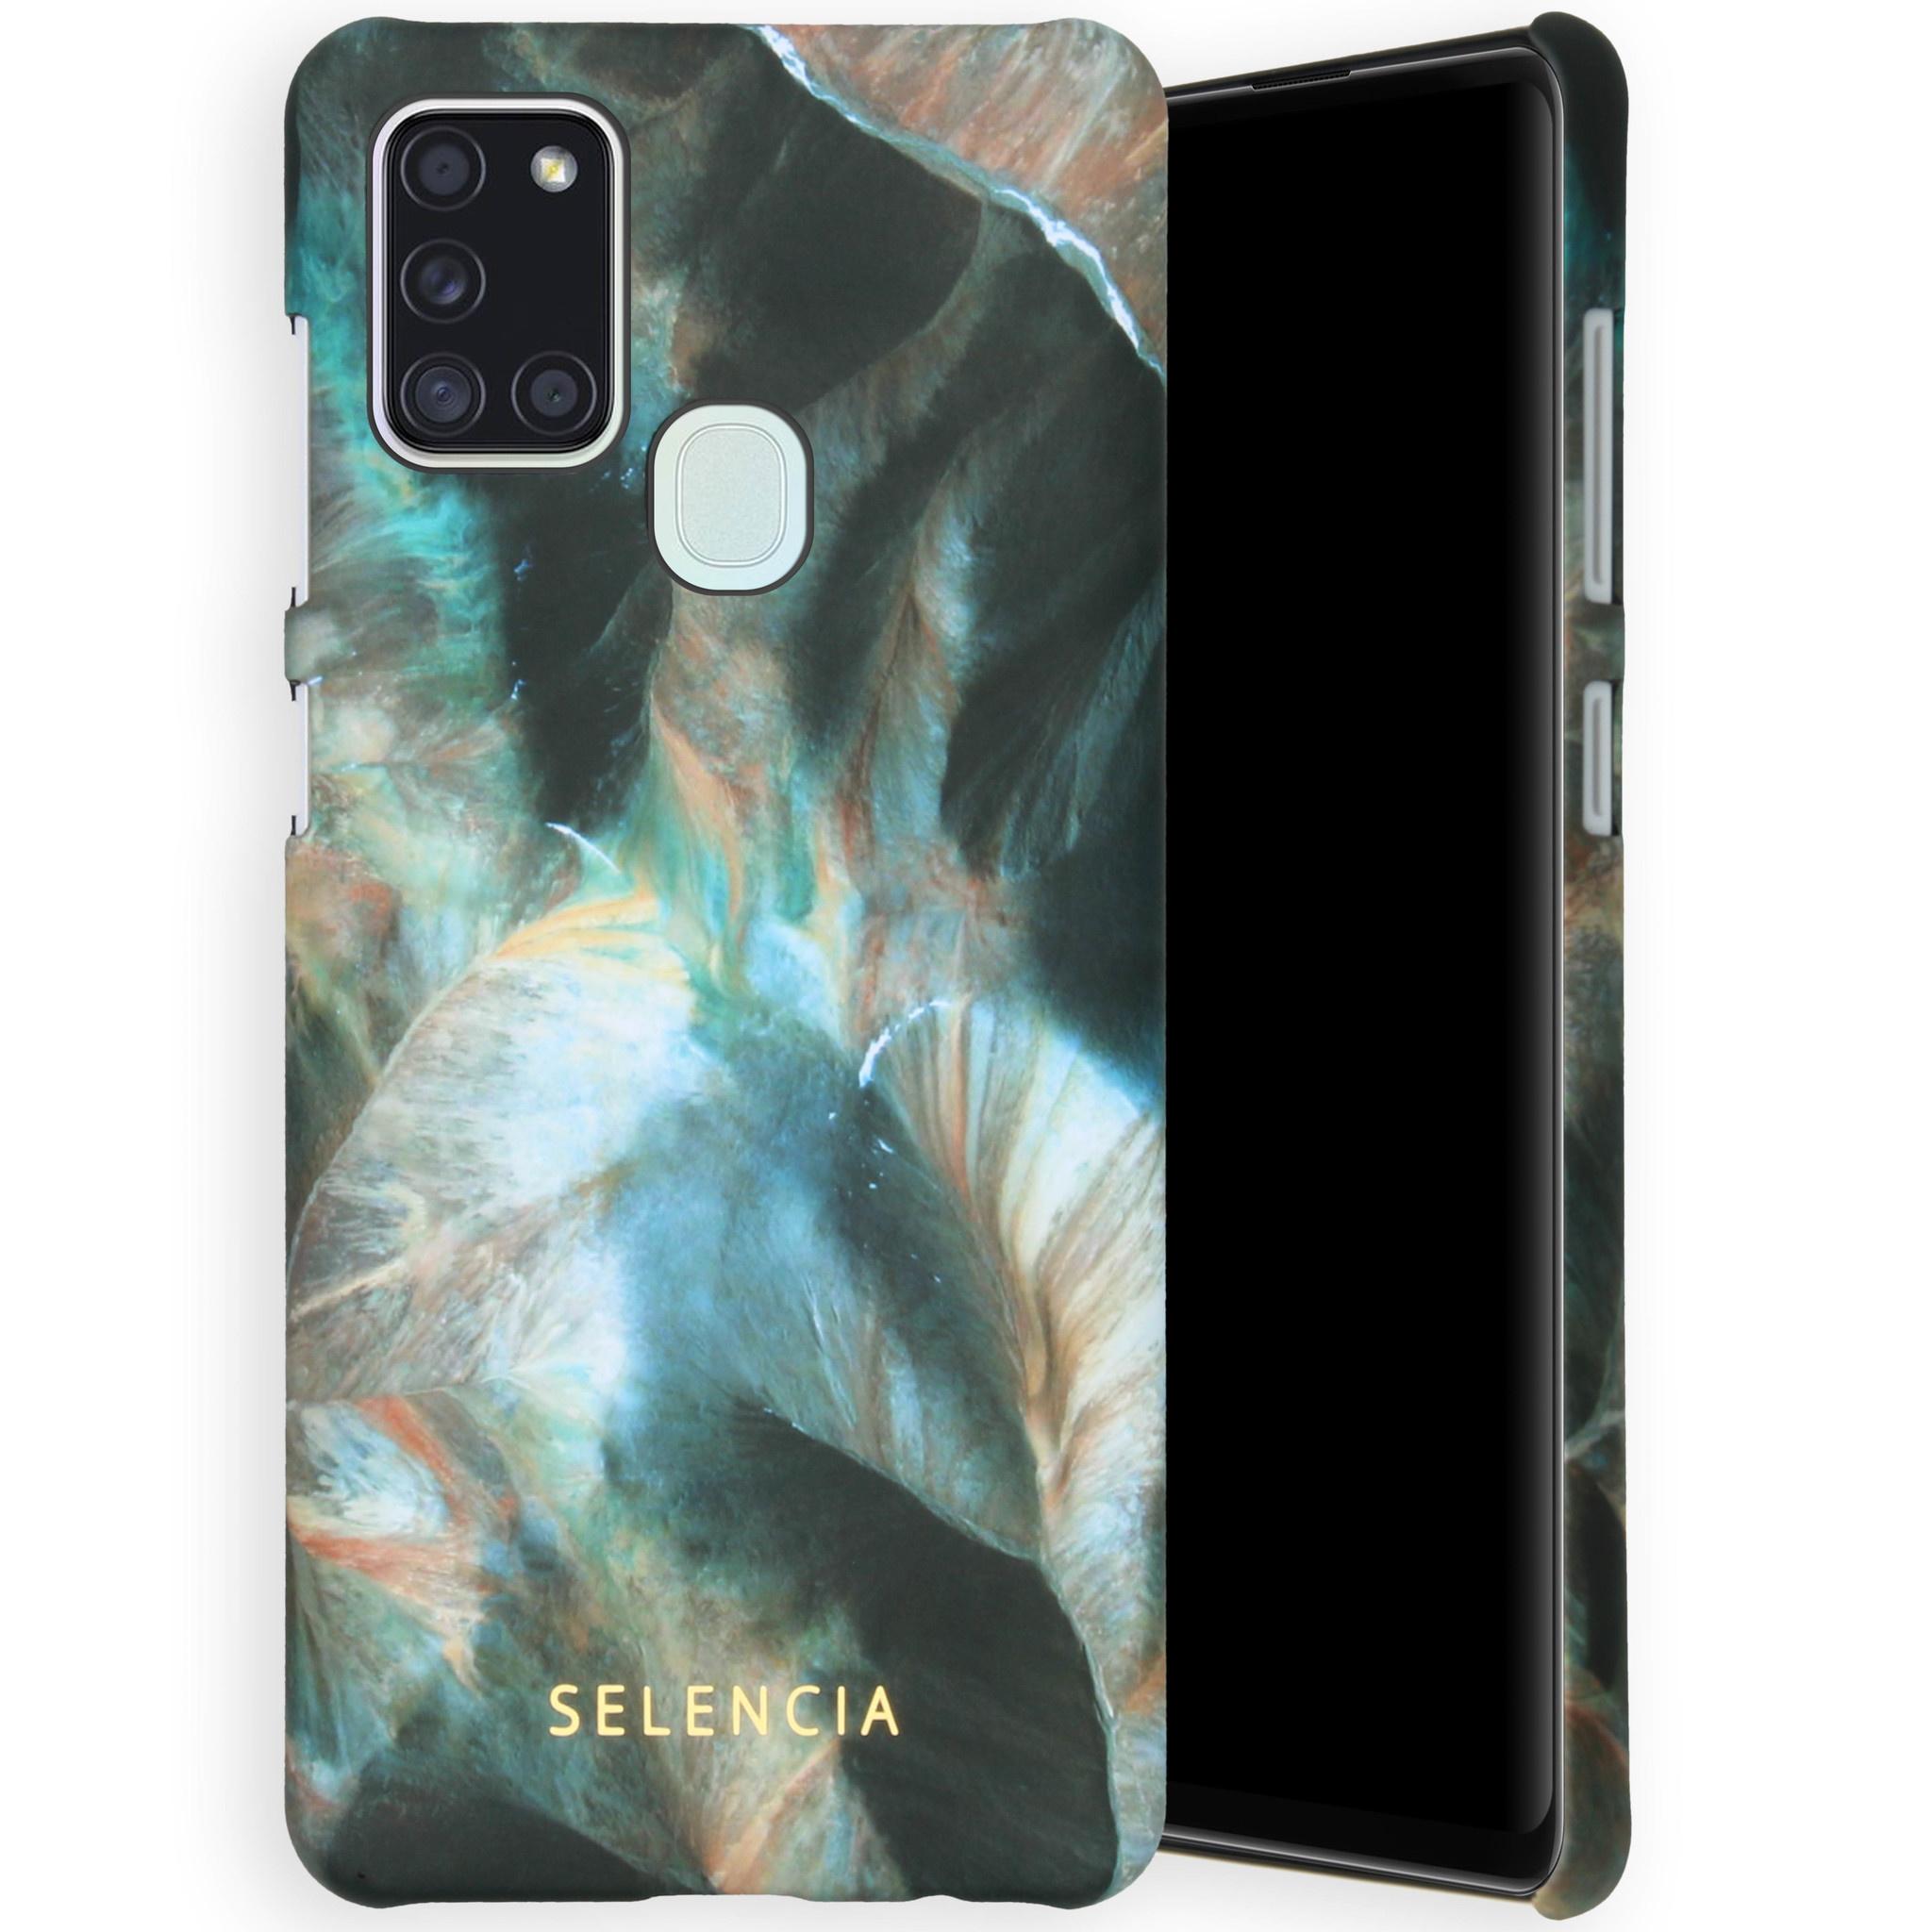 Selencia Coque Maya Fashion Samsung Galaxy A21s - Nepal